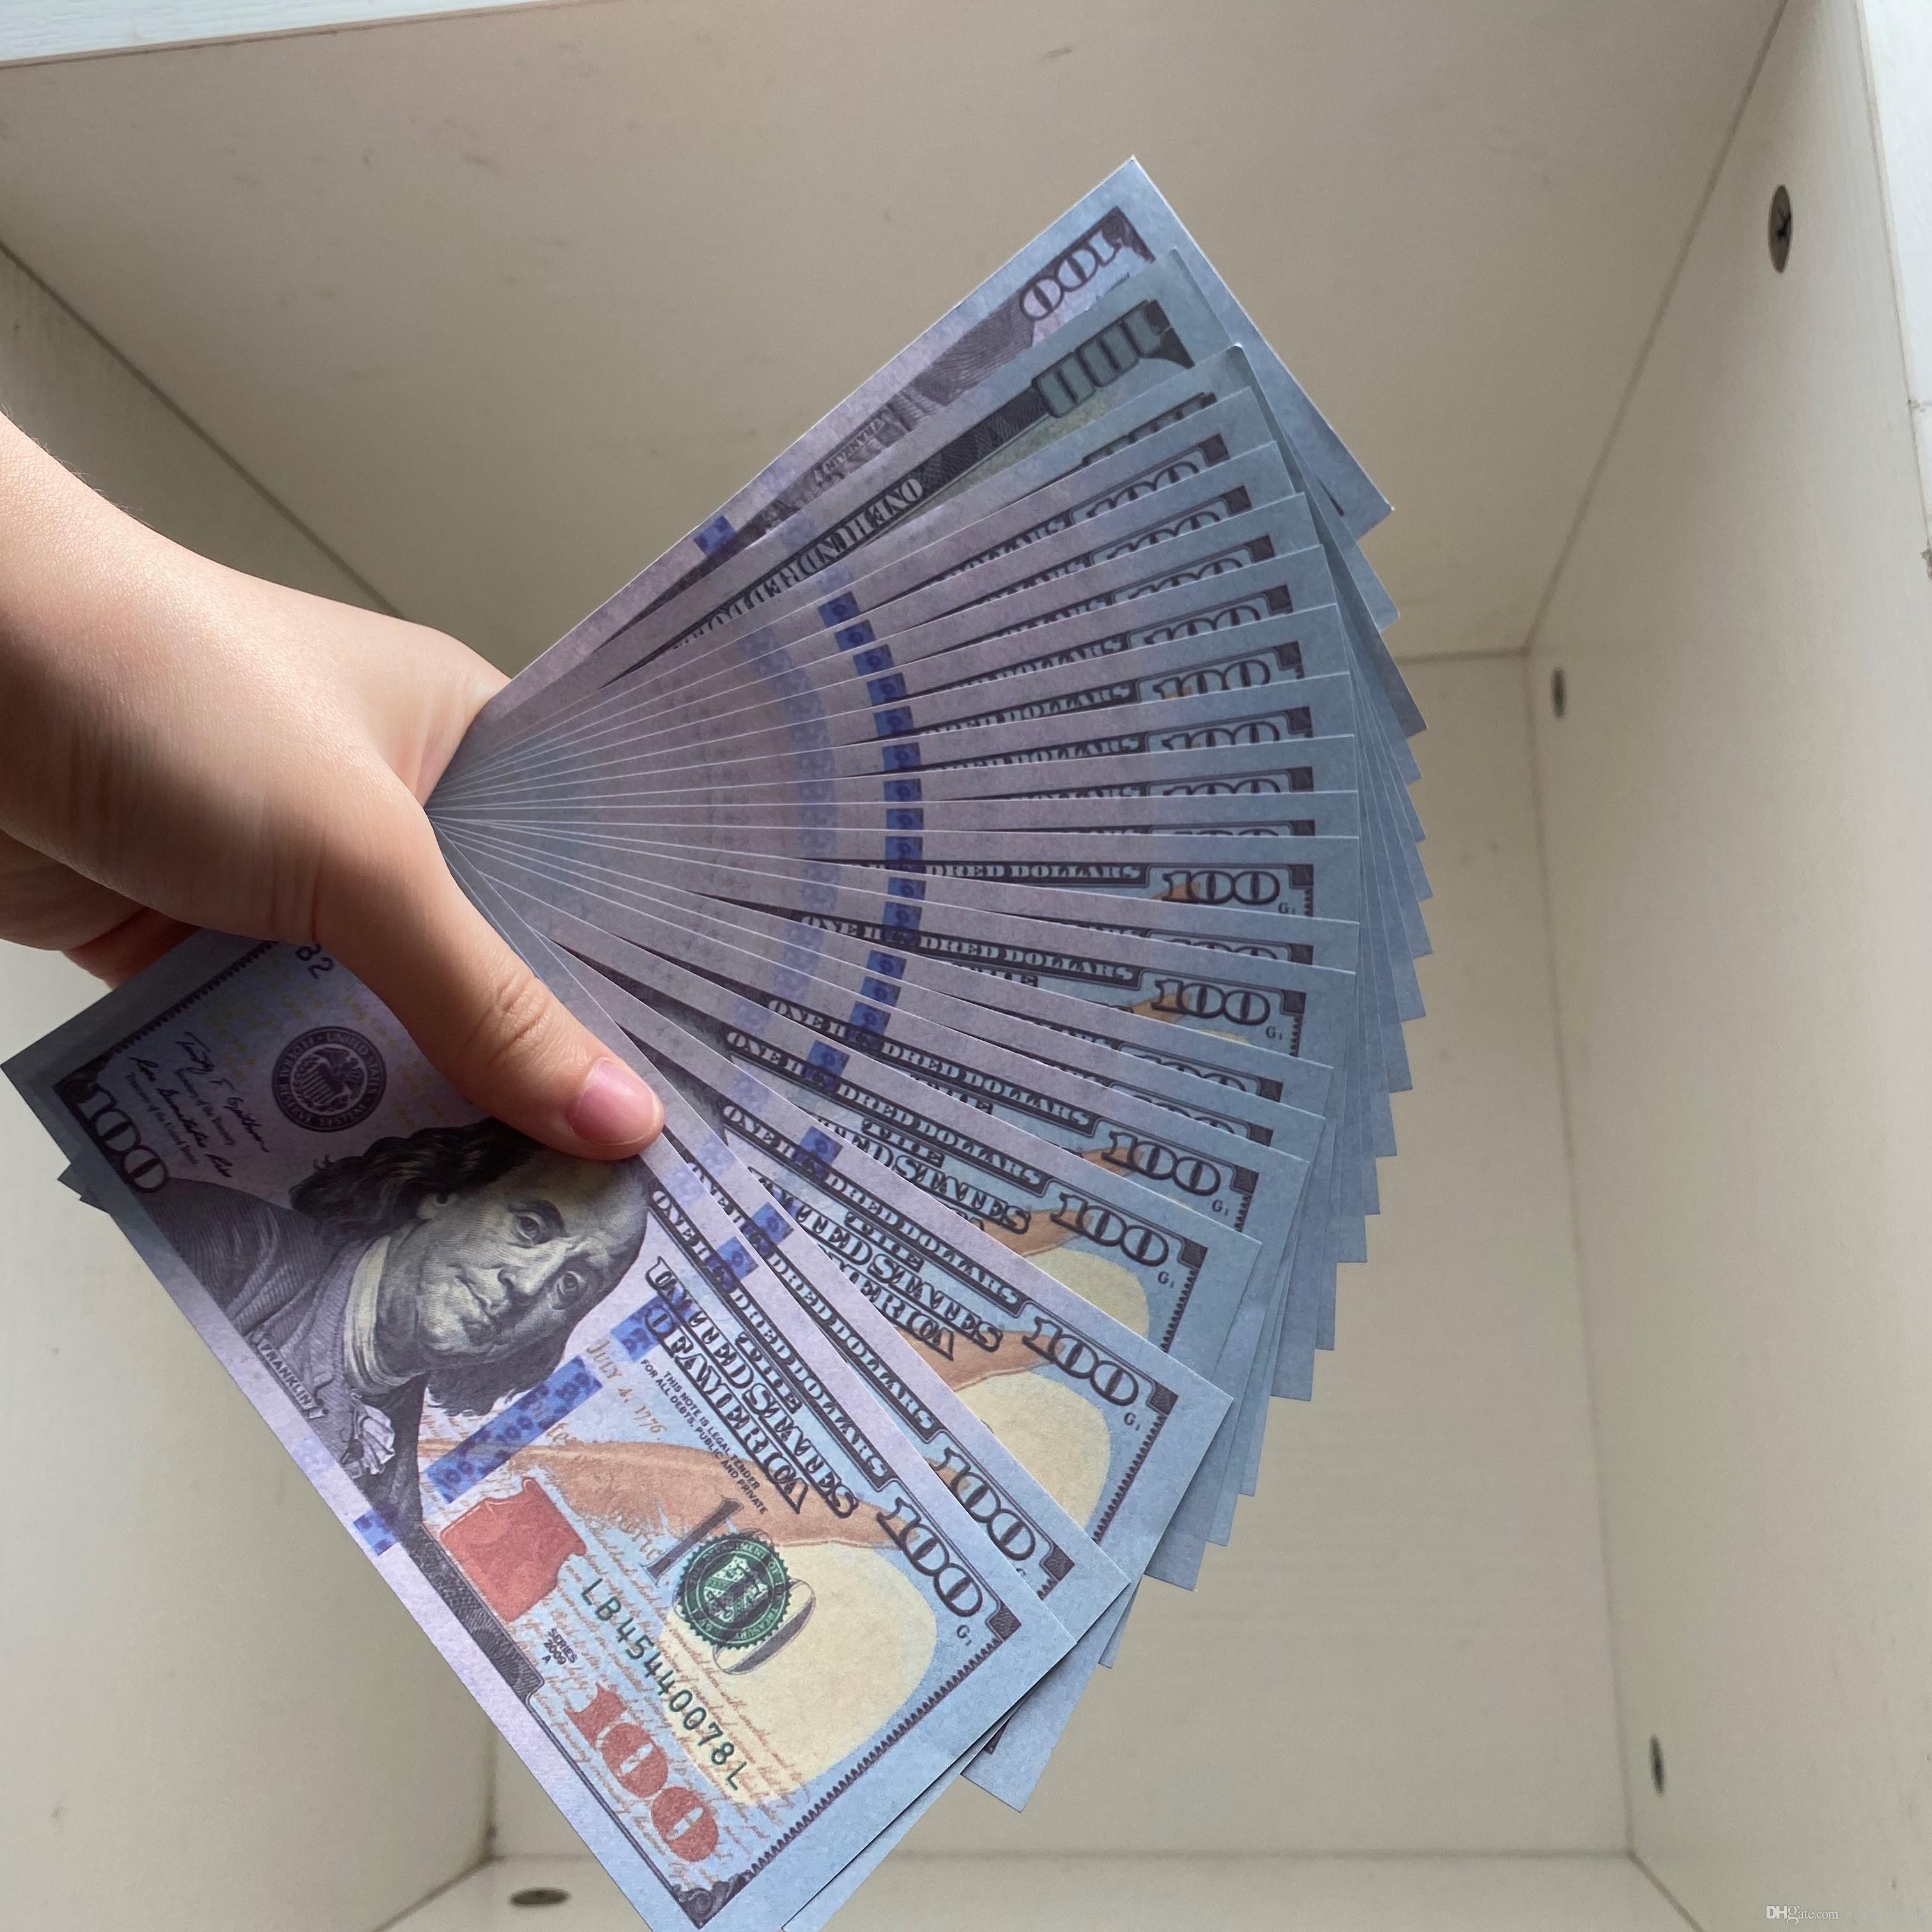 2020 Prop Sell Dinero EE. UU. Bolsas de 100 dólares Bar Banknote Prop Toy Fake EE.UU. Billete de banco Hot Etapa Atmósfera Fiesta de cumpleaños876 Krudb